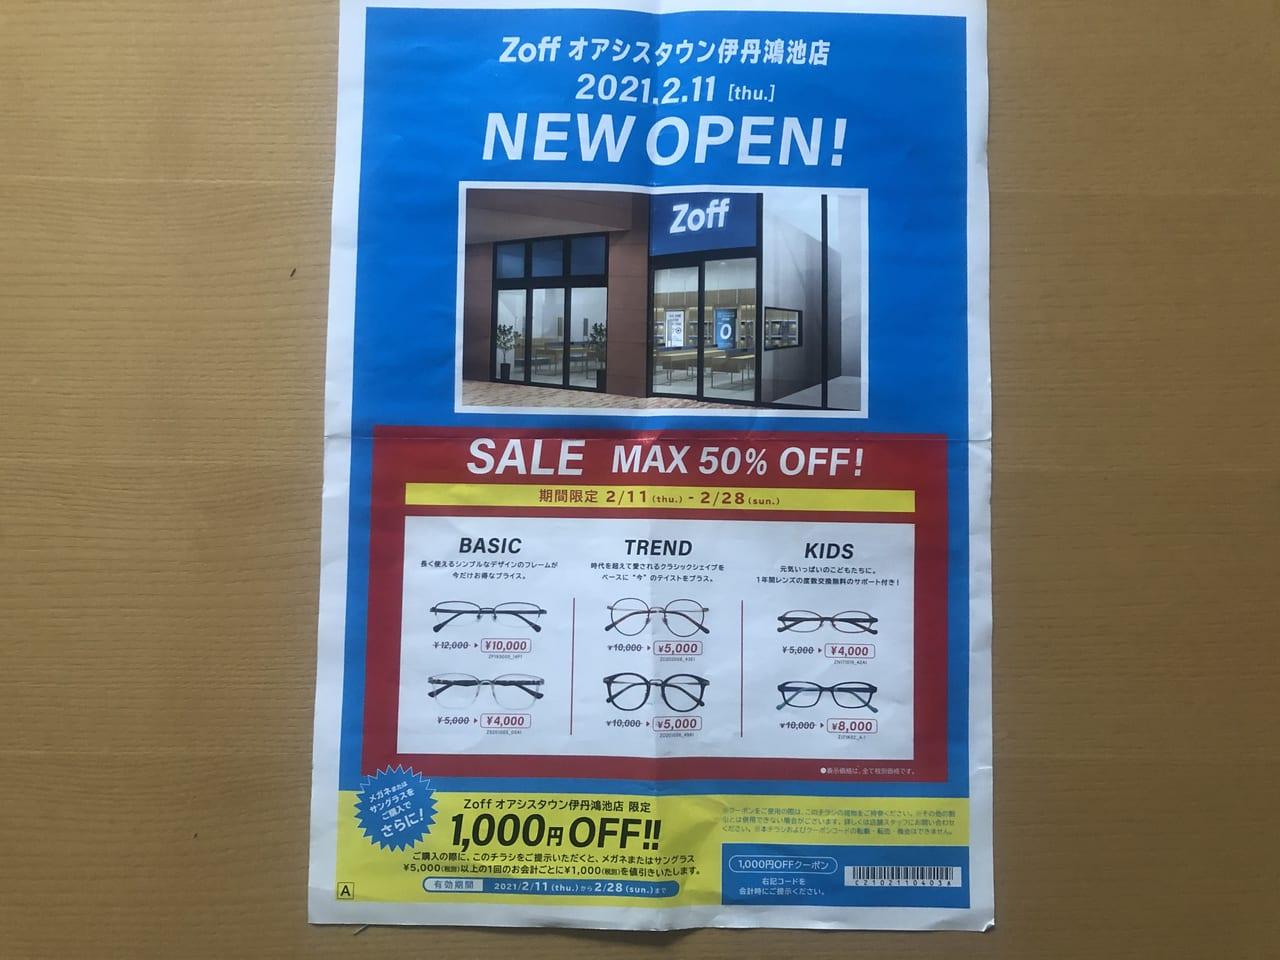 オアシスタウン伊丹鴻池店にオープンした眼鏡専門店のZoffのチラシ